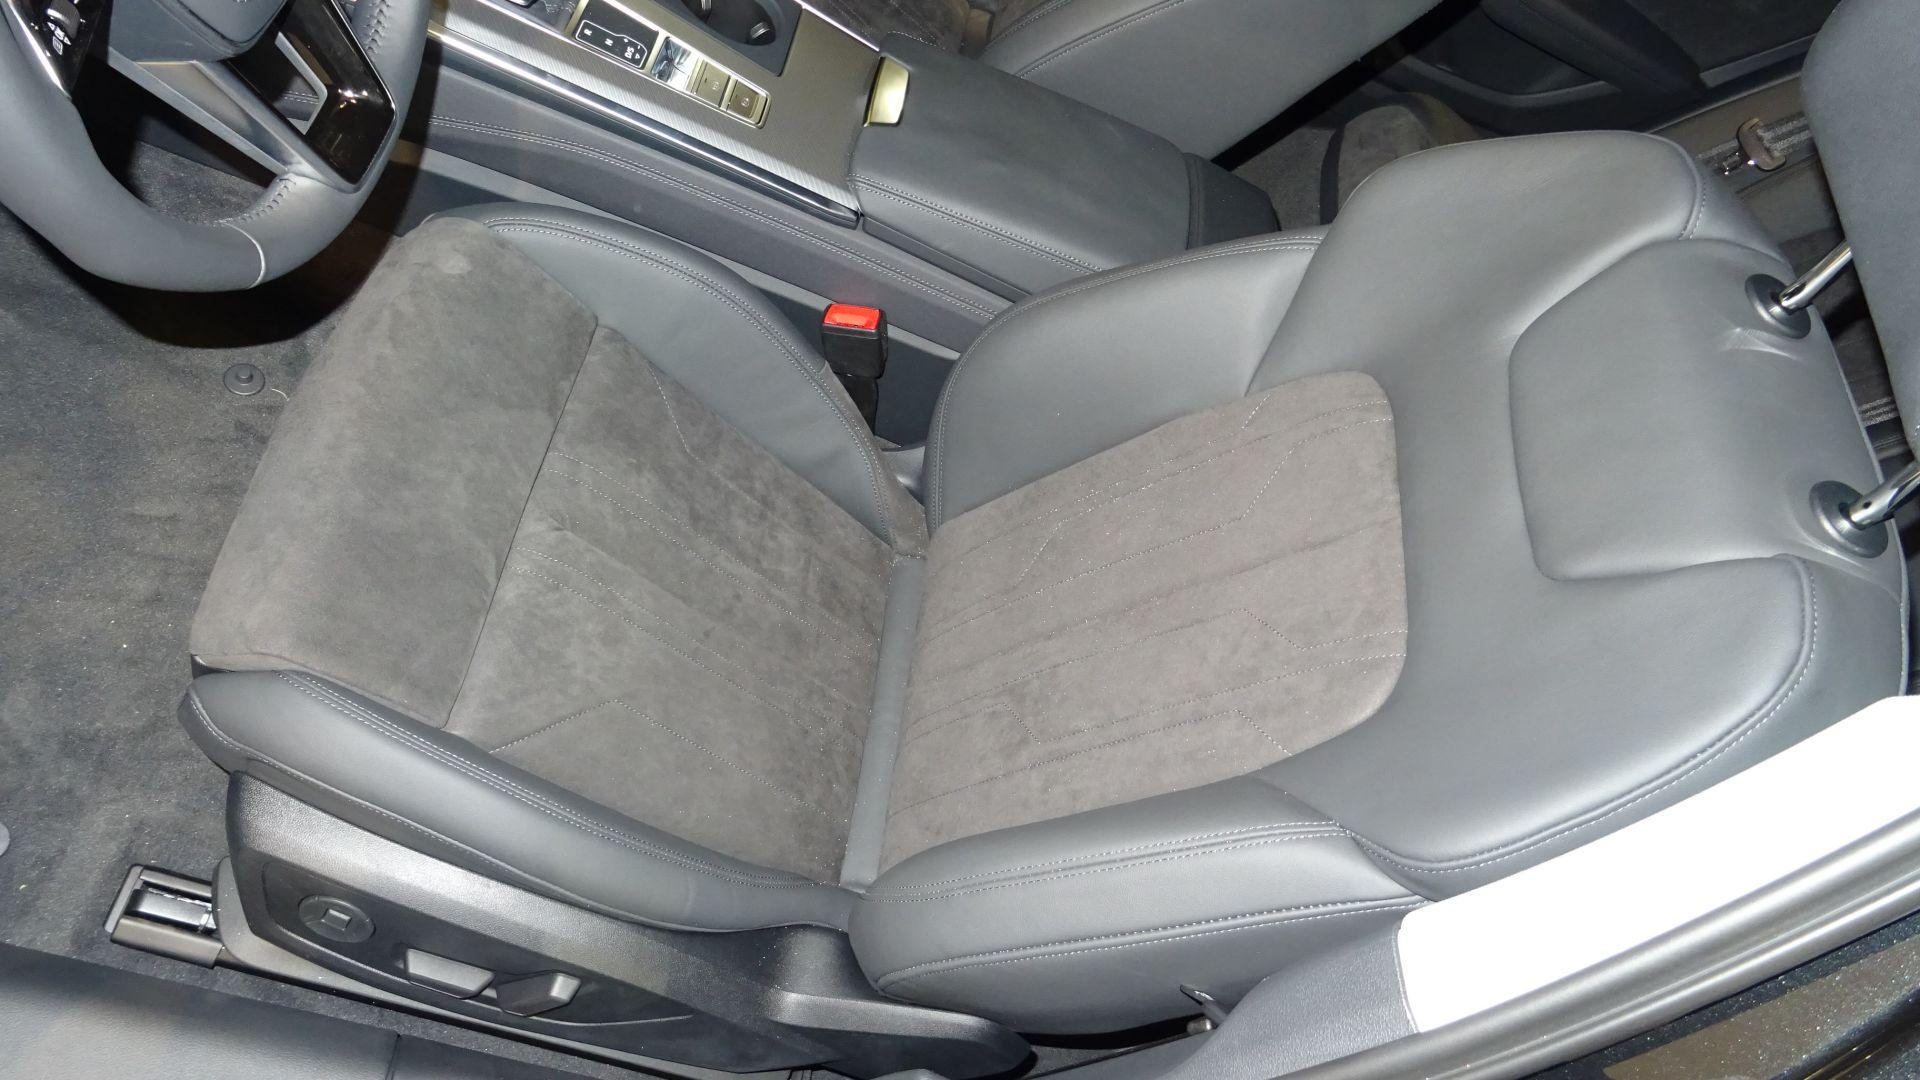 Audi A6 Sport 45 TDI 170kW (231CV) quattro tipt